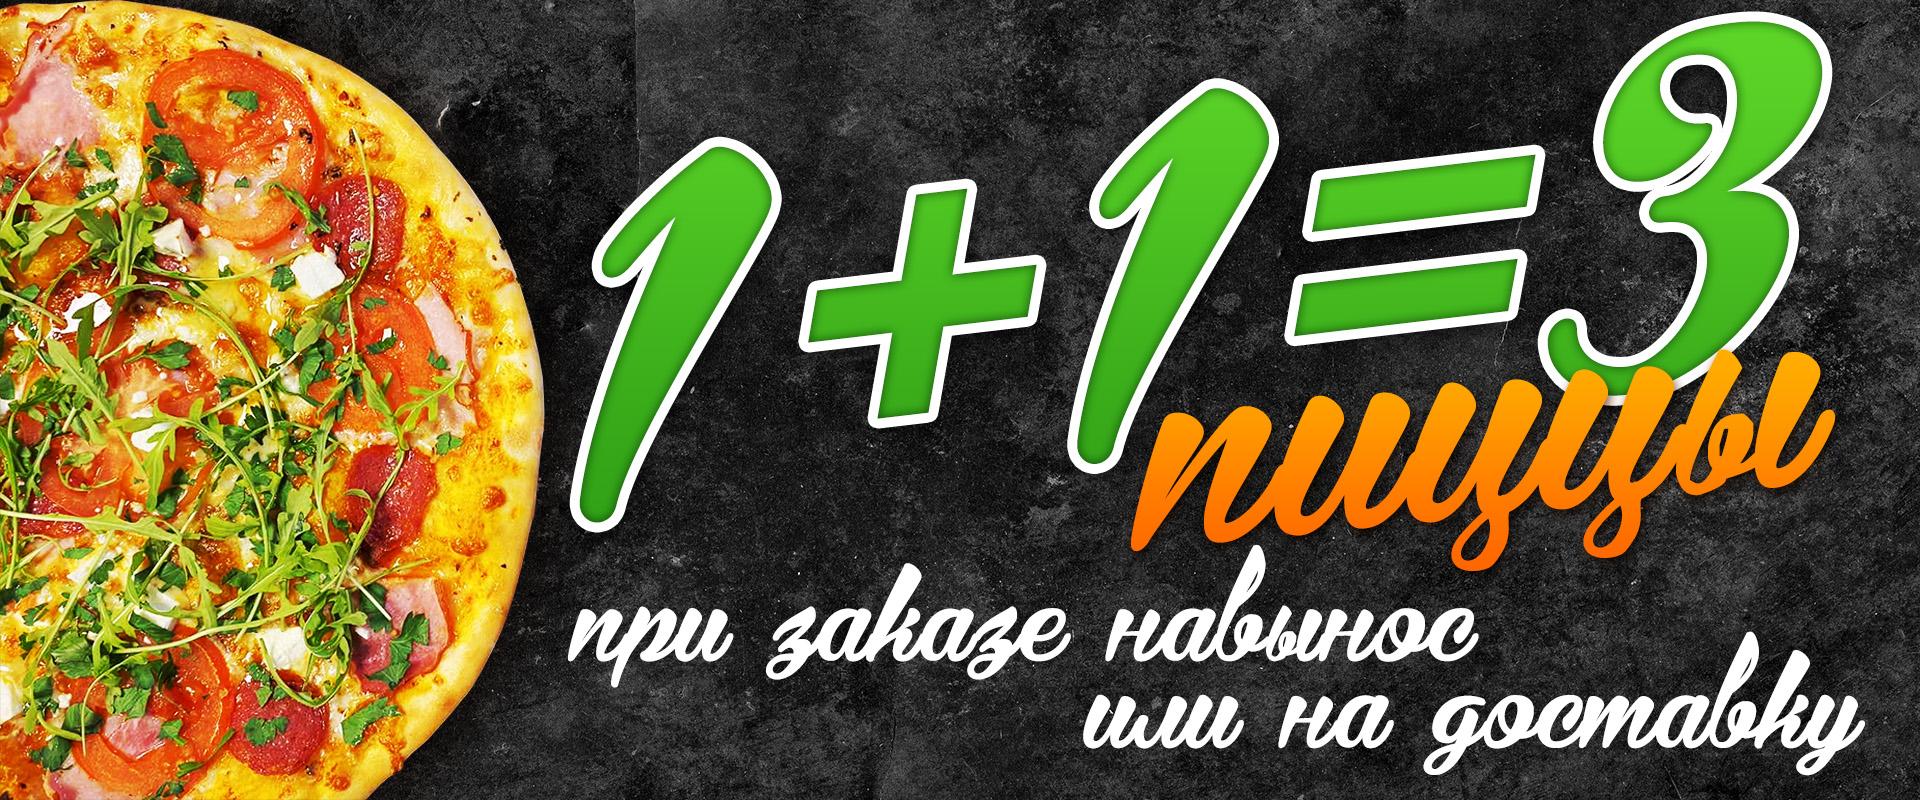 na1i1